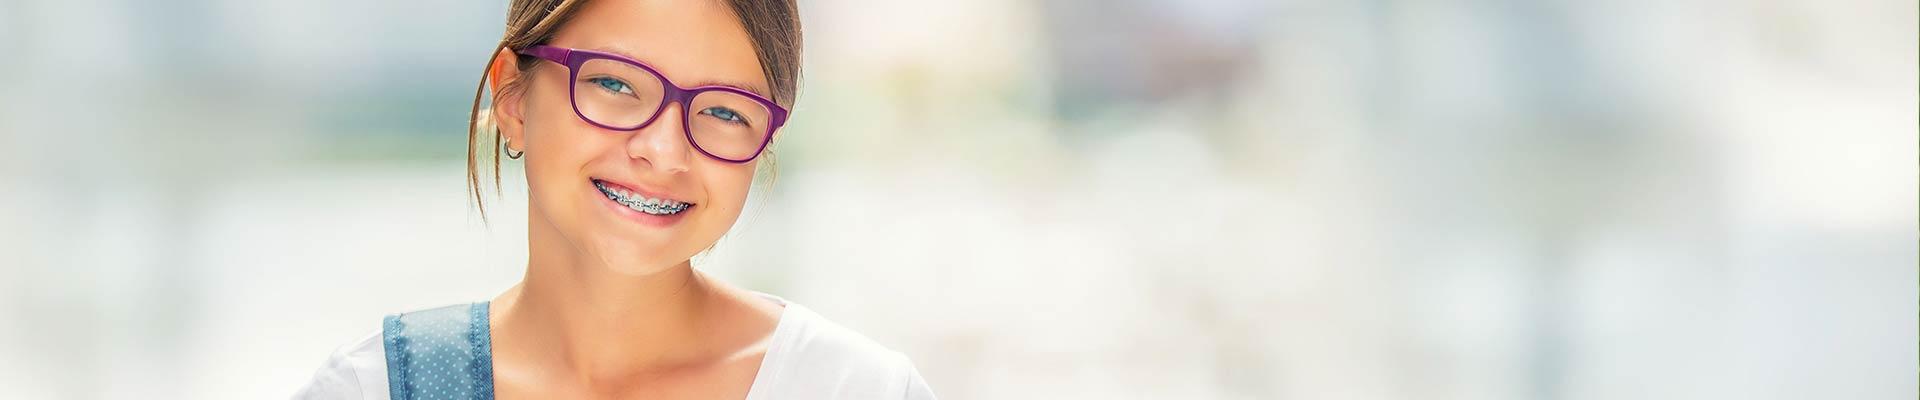 Girl with braces Cherre Orthodontics Ellisville MO